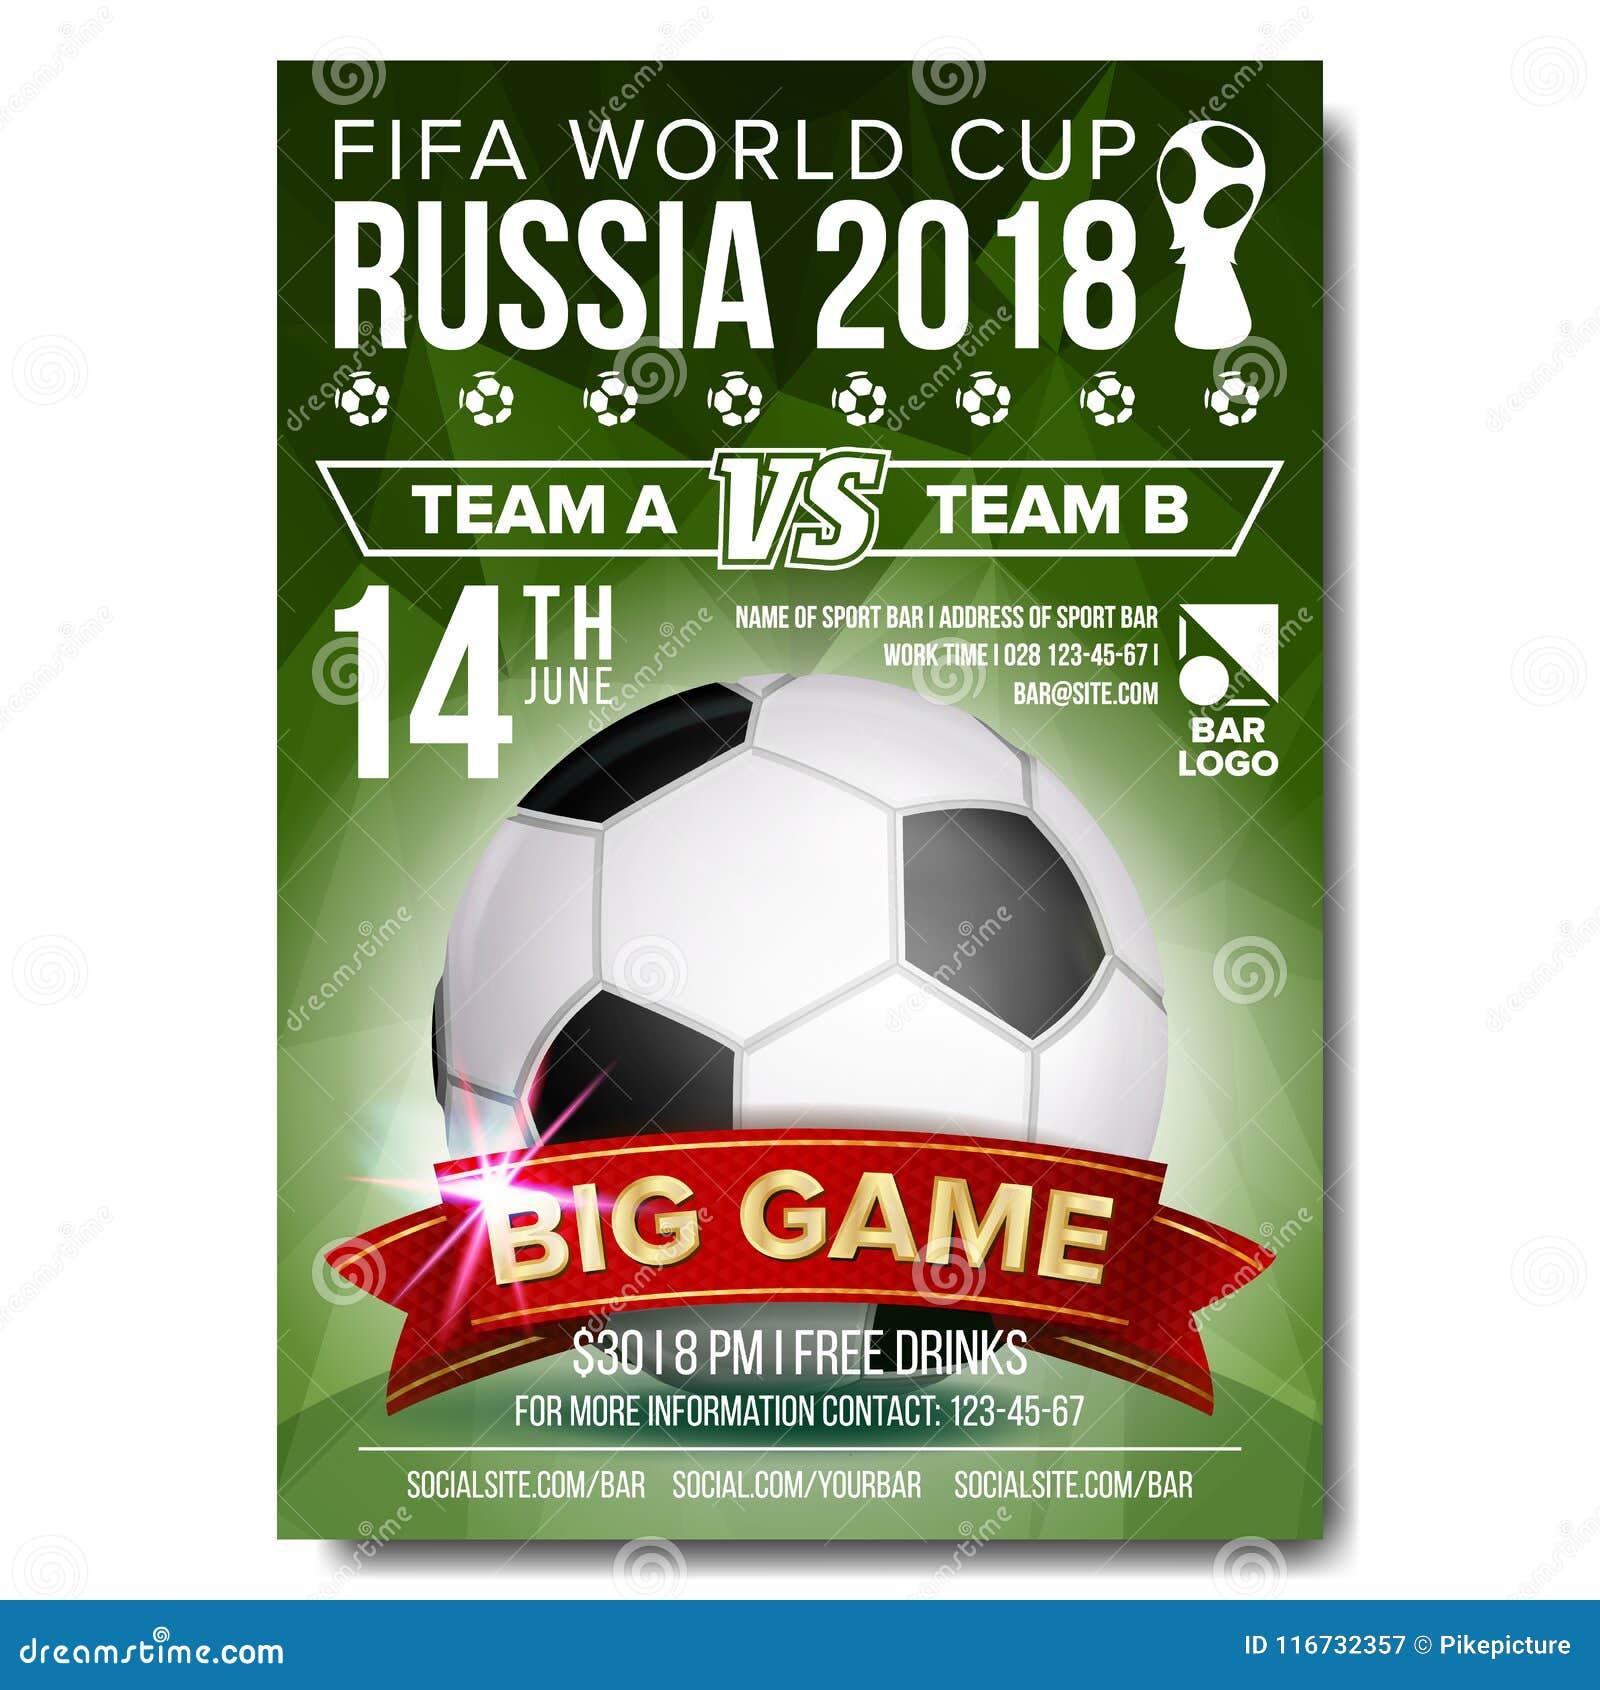 Coupe Du Monde 2018 Football Fifa Russie: Vecteur 2018 D'affiche De Coupe Du Monde De La FIFA